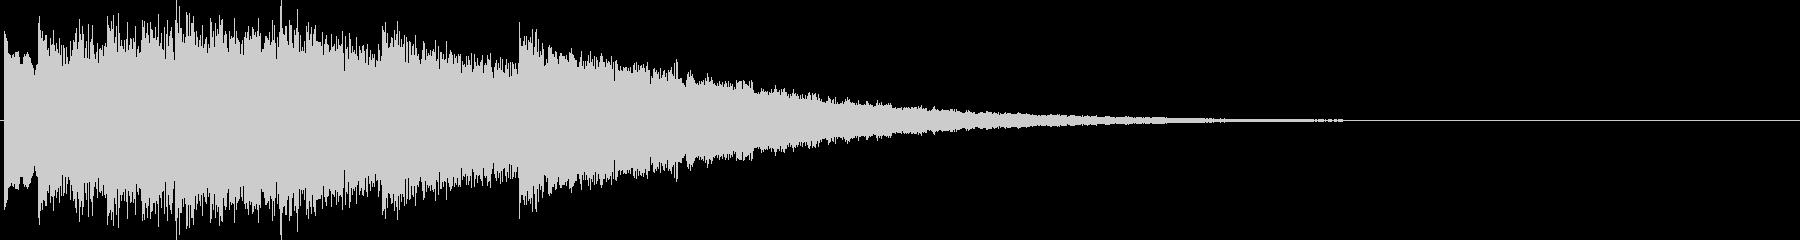 キンコン..。のど自慢風の鐘(合格)の未再生の波形